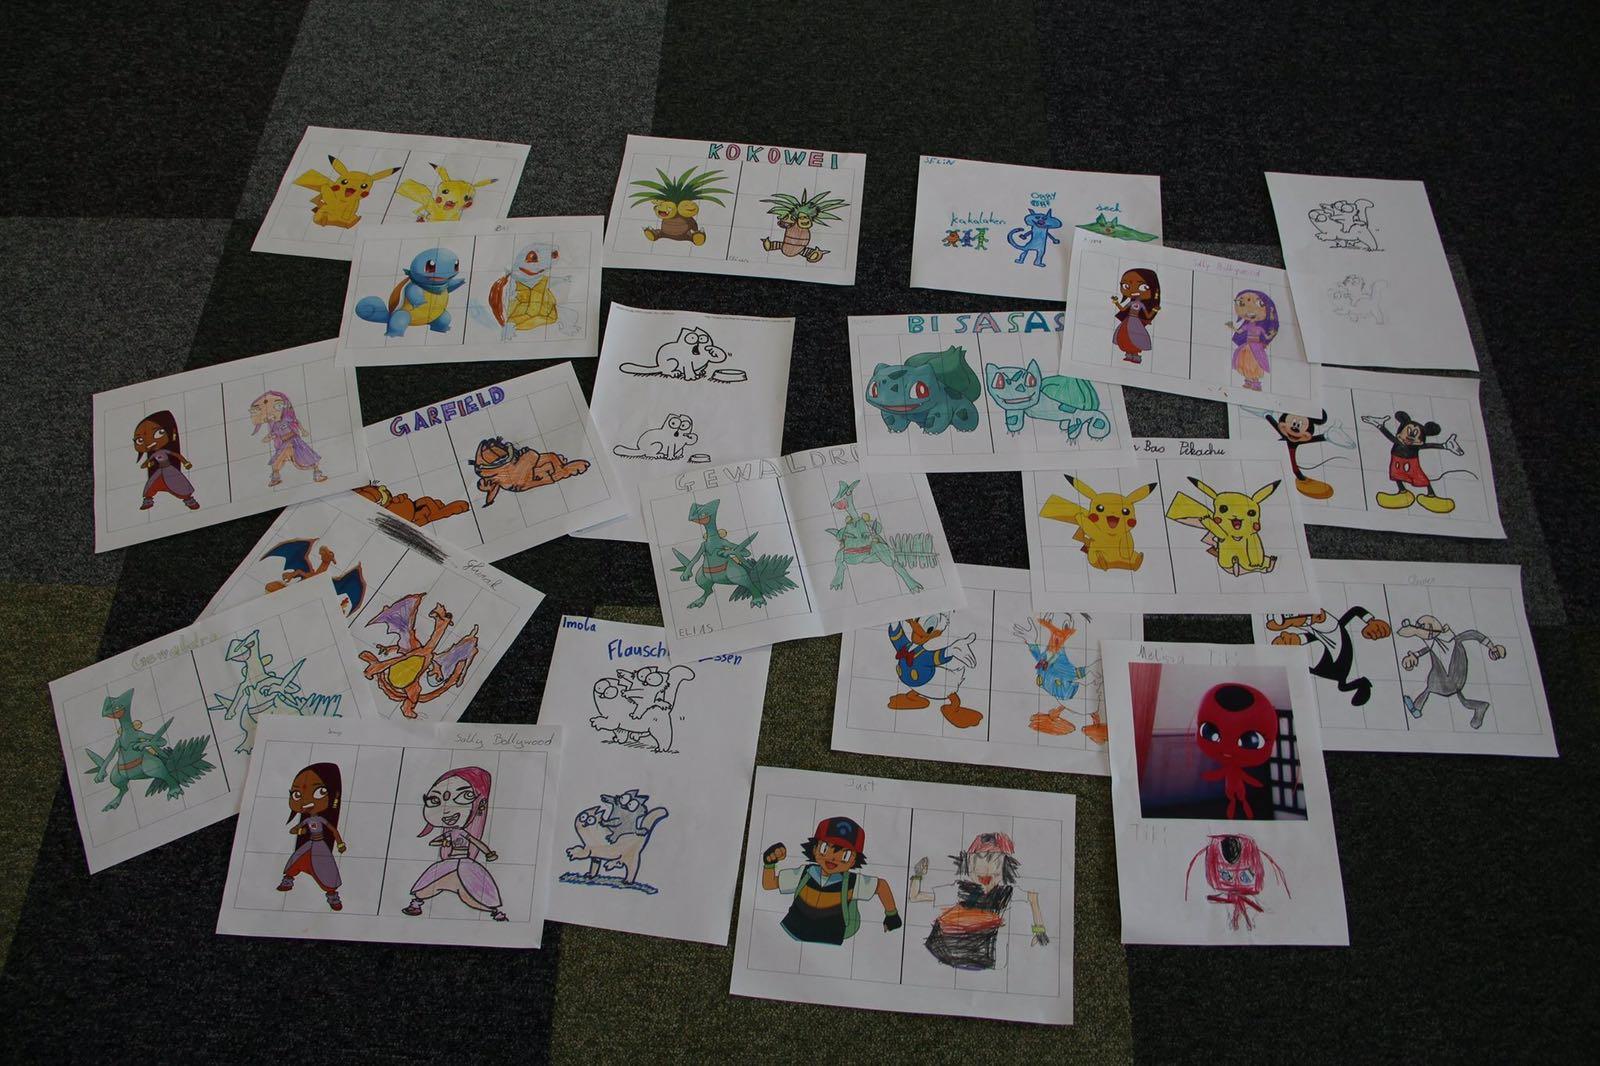 Bei dem A1 Internet für Alle Weihnachtsspecial können Kinder von 6-14 Jahren ihren eigenen Comic entwerfen